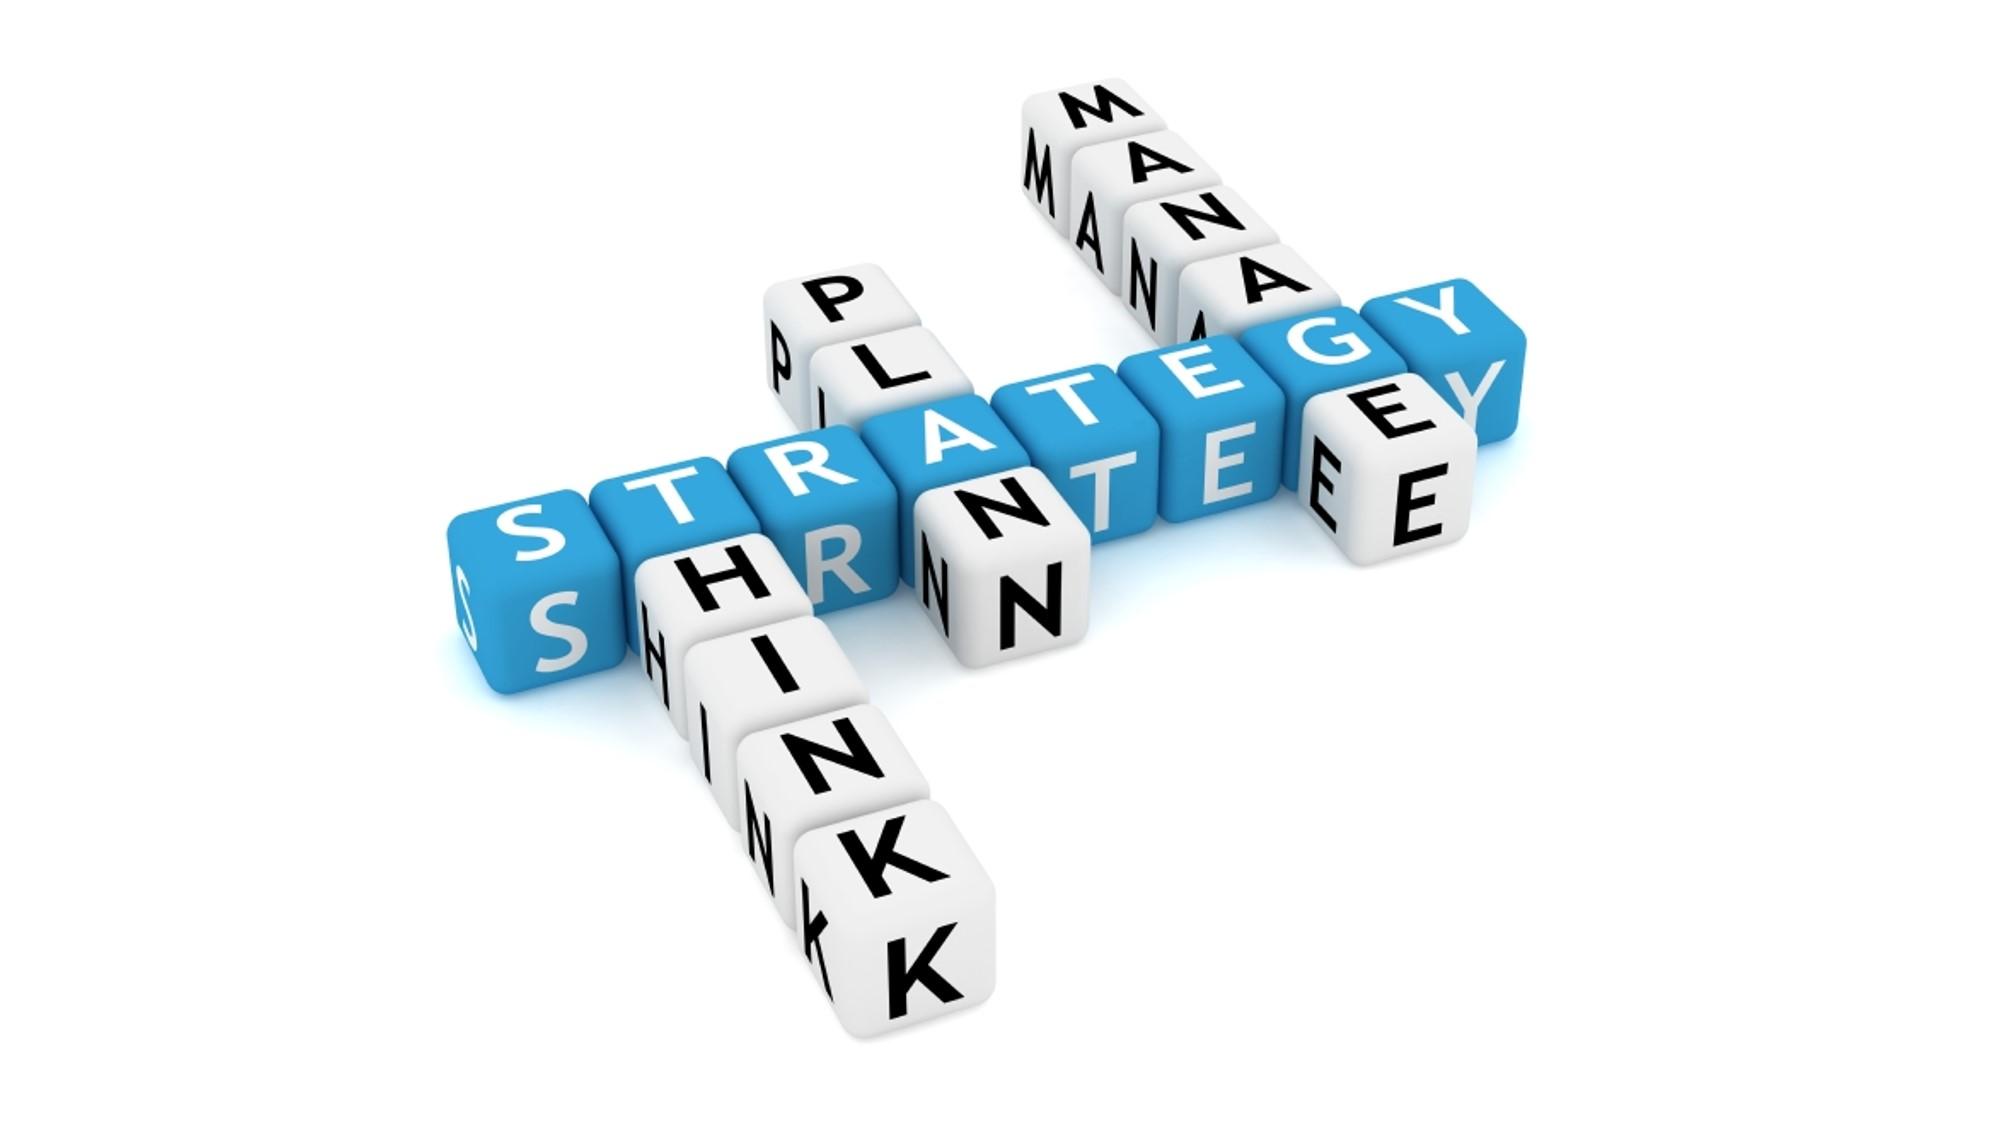 経営戦略を立てるために知っておきたい8つの構成要素